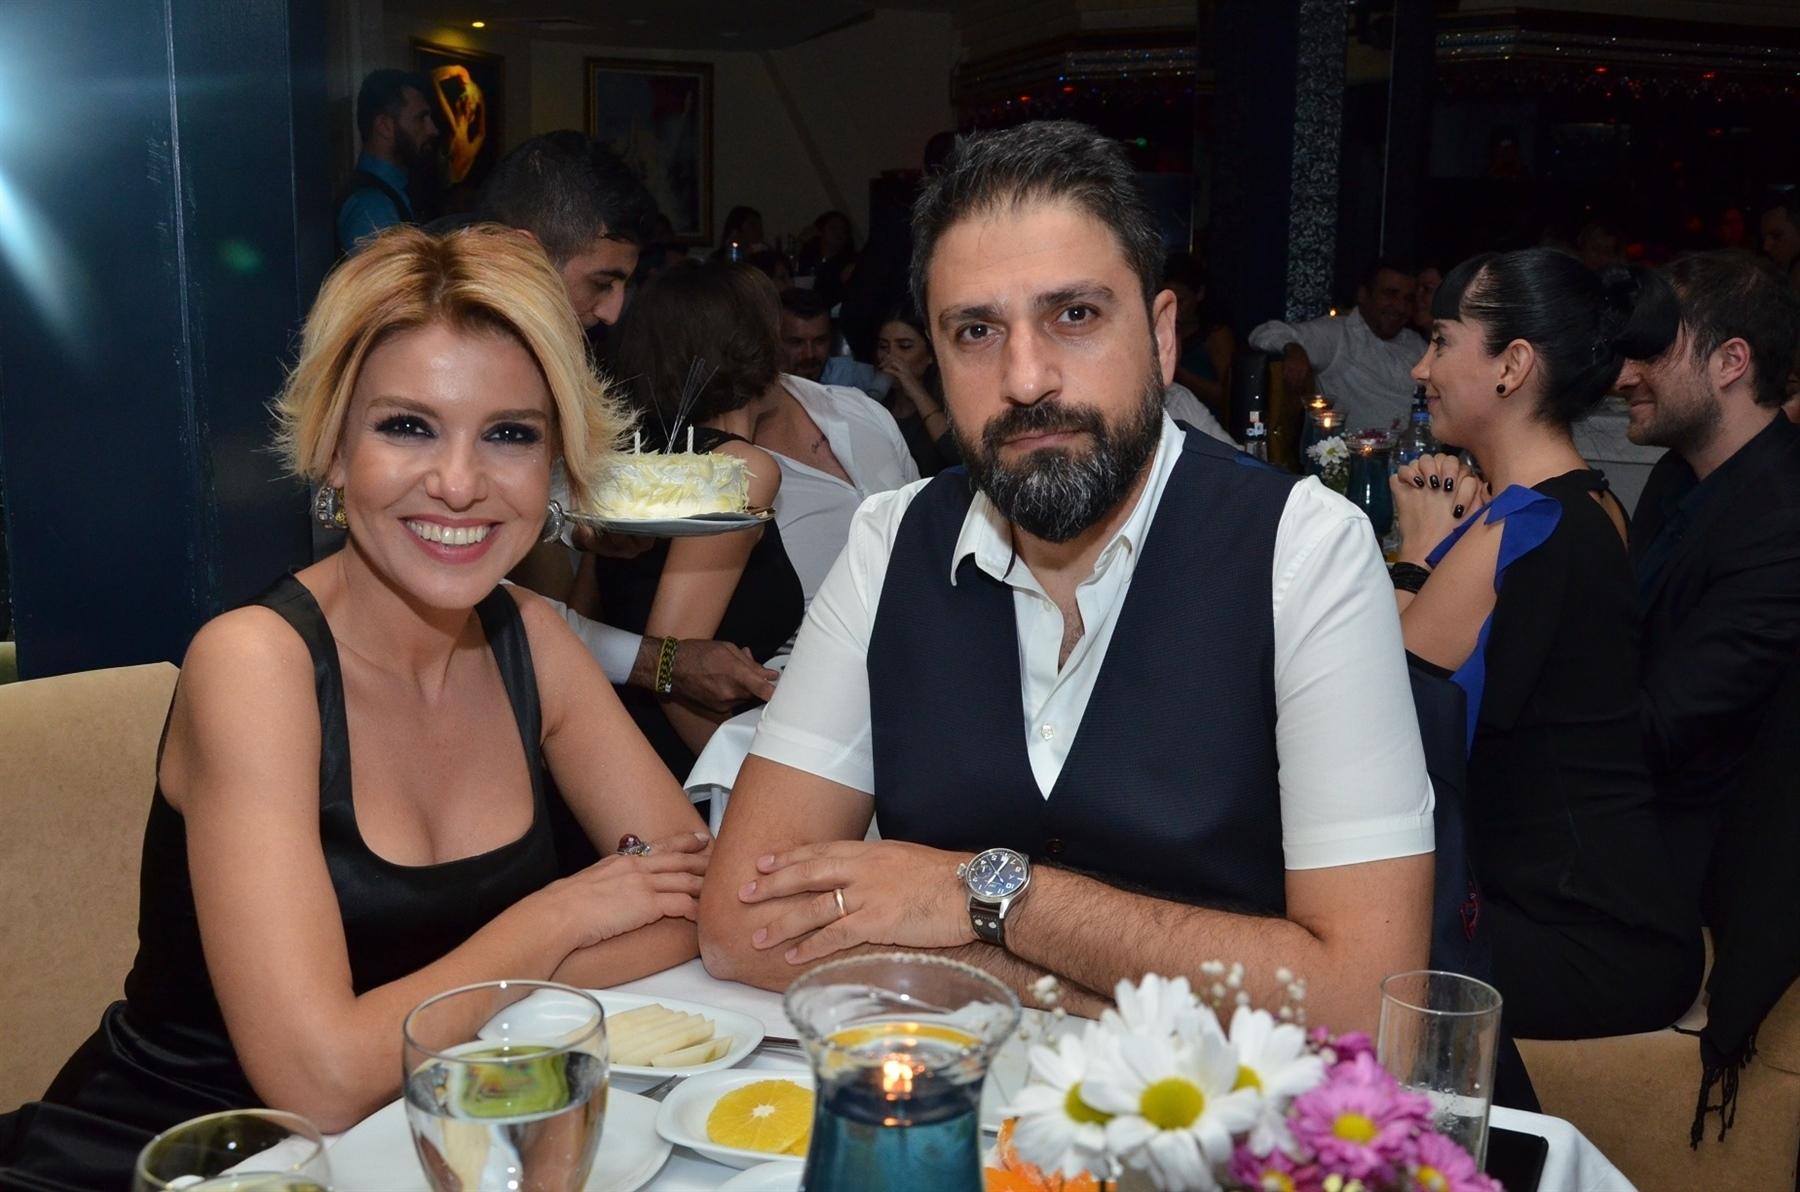 Gülben Ergen'in Erhan Çelik'le Evliyken Yasak Aşkıyla Olan Fotoğrafı Ortaya Çıktı! - 3